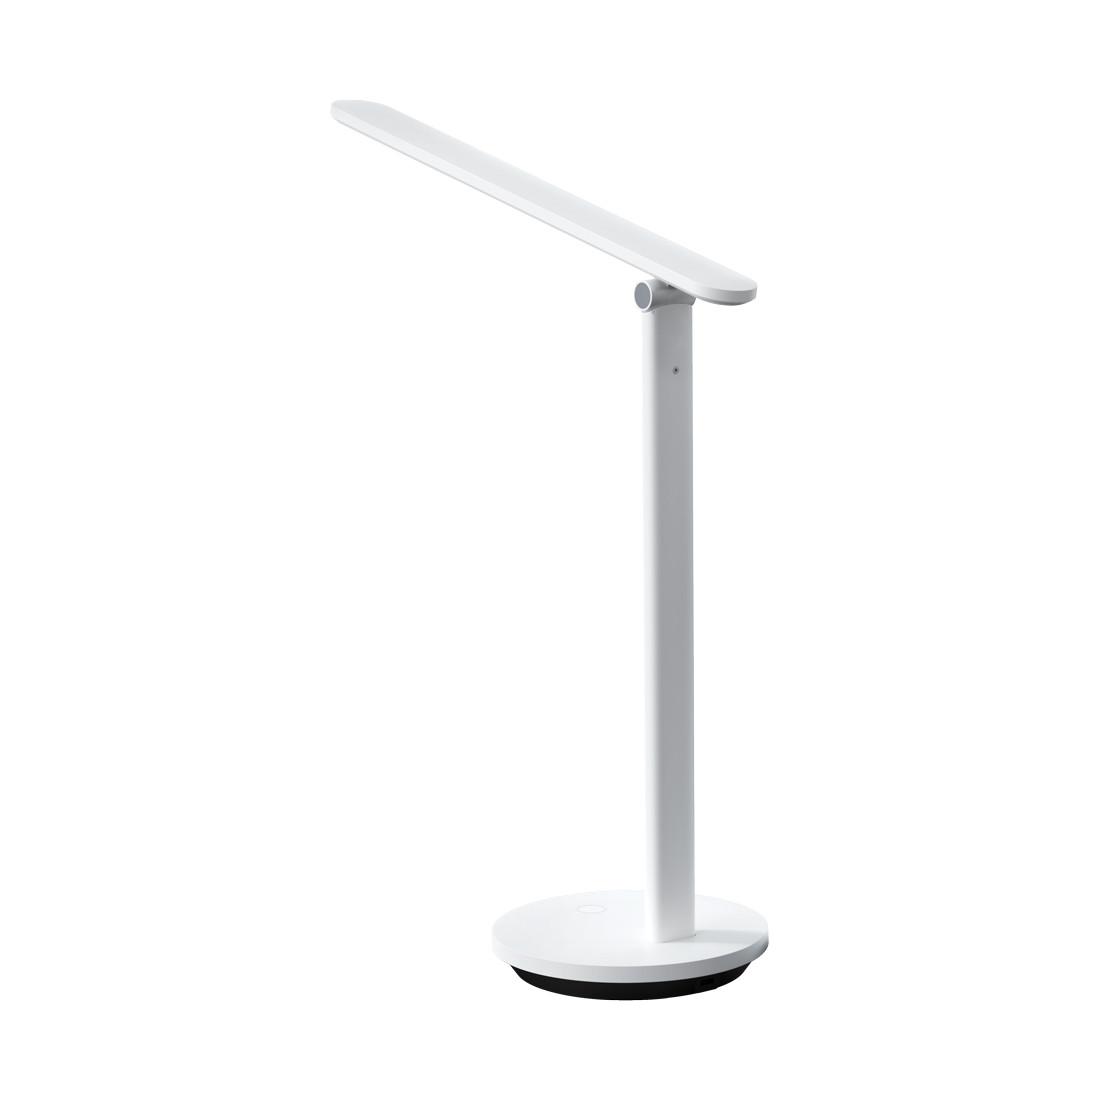 Настольная лампа Yeelight LED Folding Desk Lamp Z1 Pro